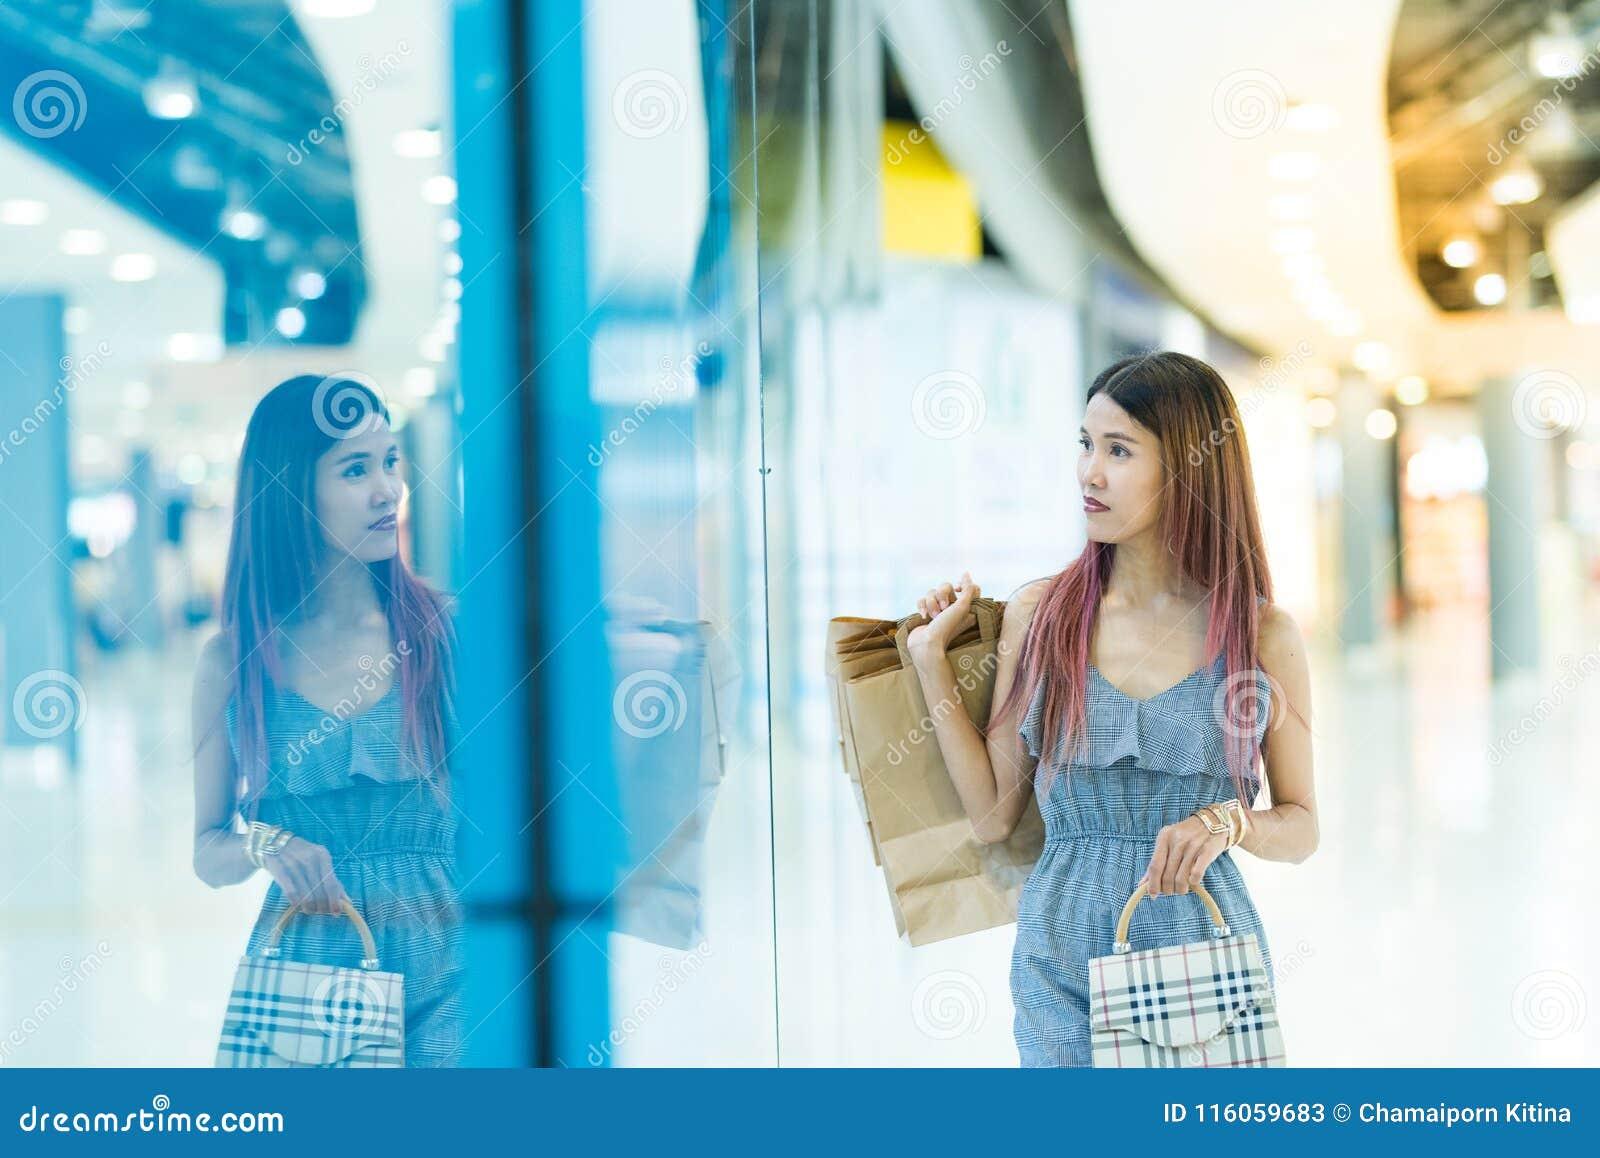 愉快的年轻加上走在mallConsumerism的购物袋